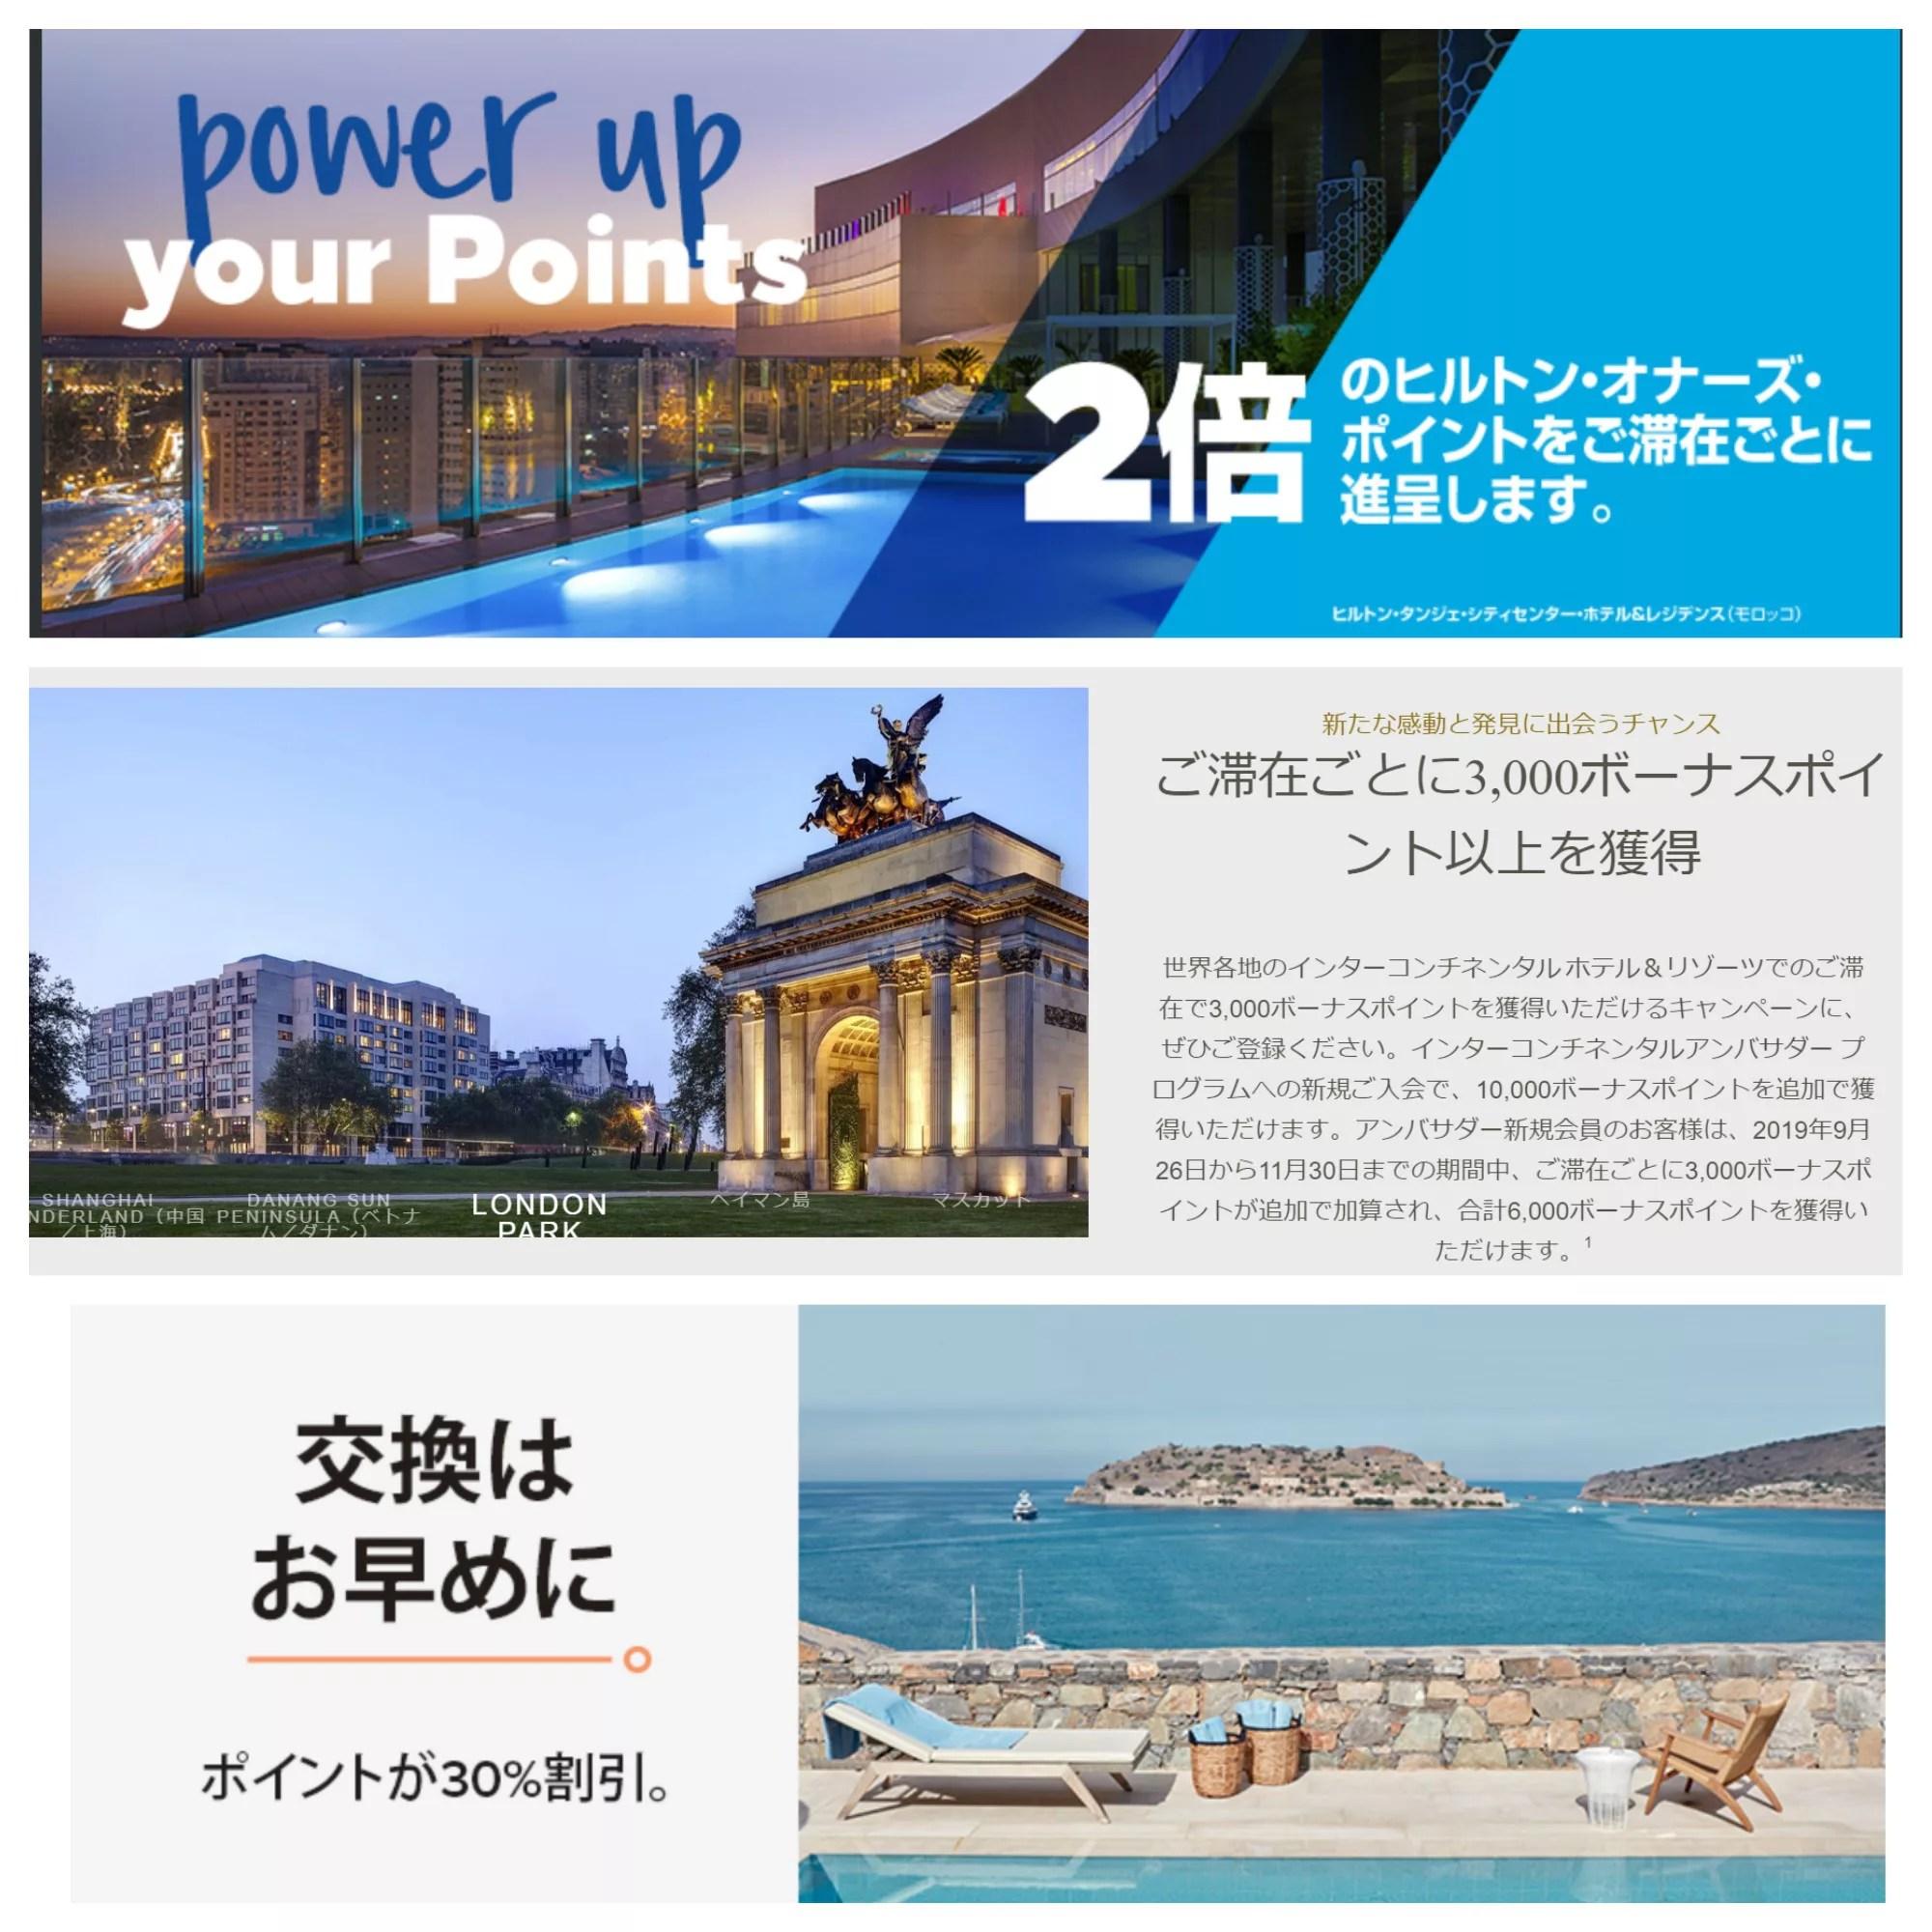 2019年9-12月ホテルキャンペーン・ポイントセールまとめ(IHG、ヒルトン、マリオット)